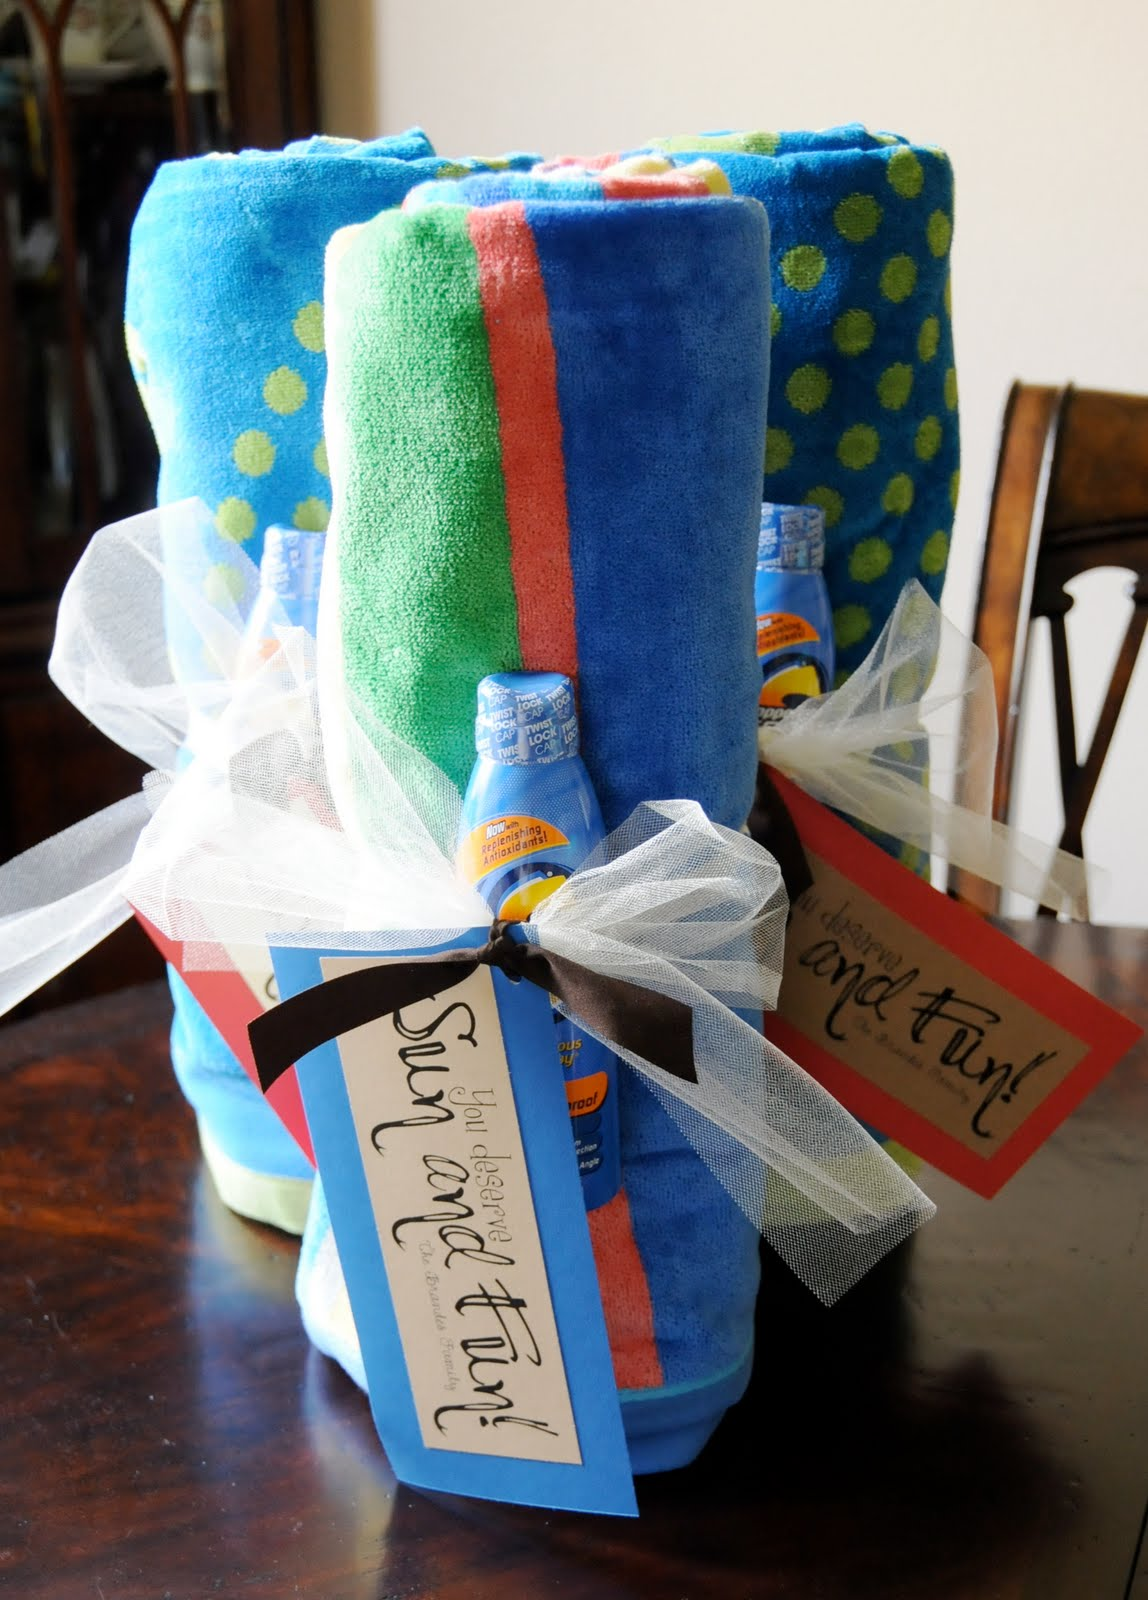 Teacher Gift For Christmas: The Brandes Family: Teacher Gifts